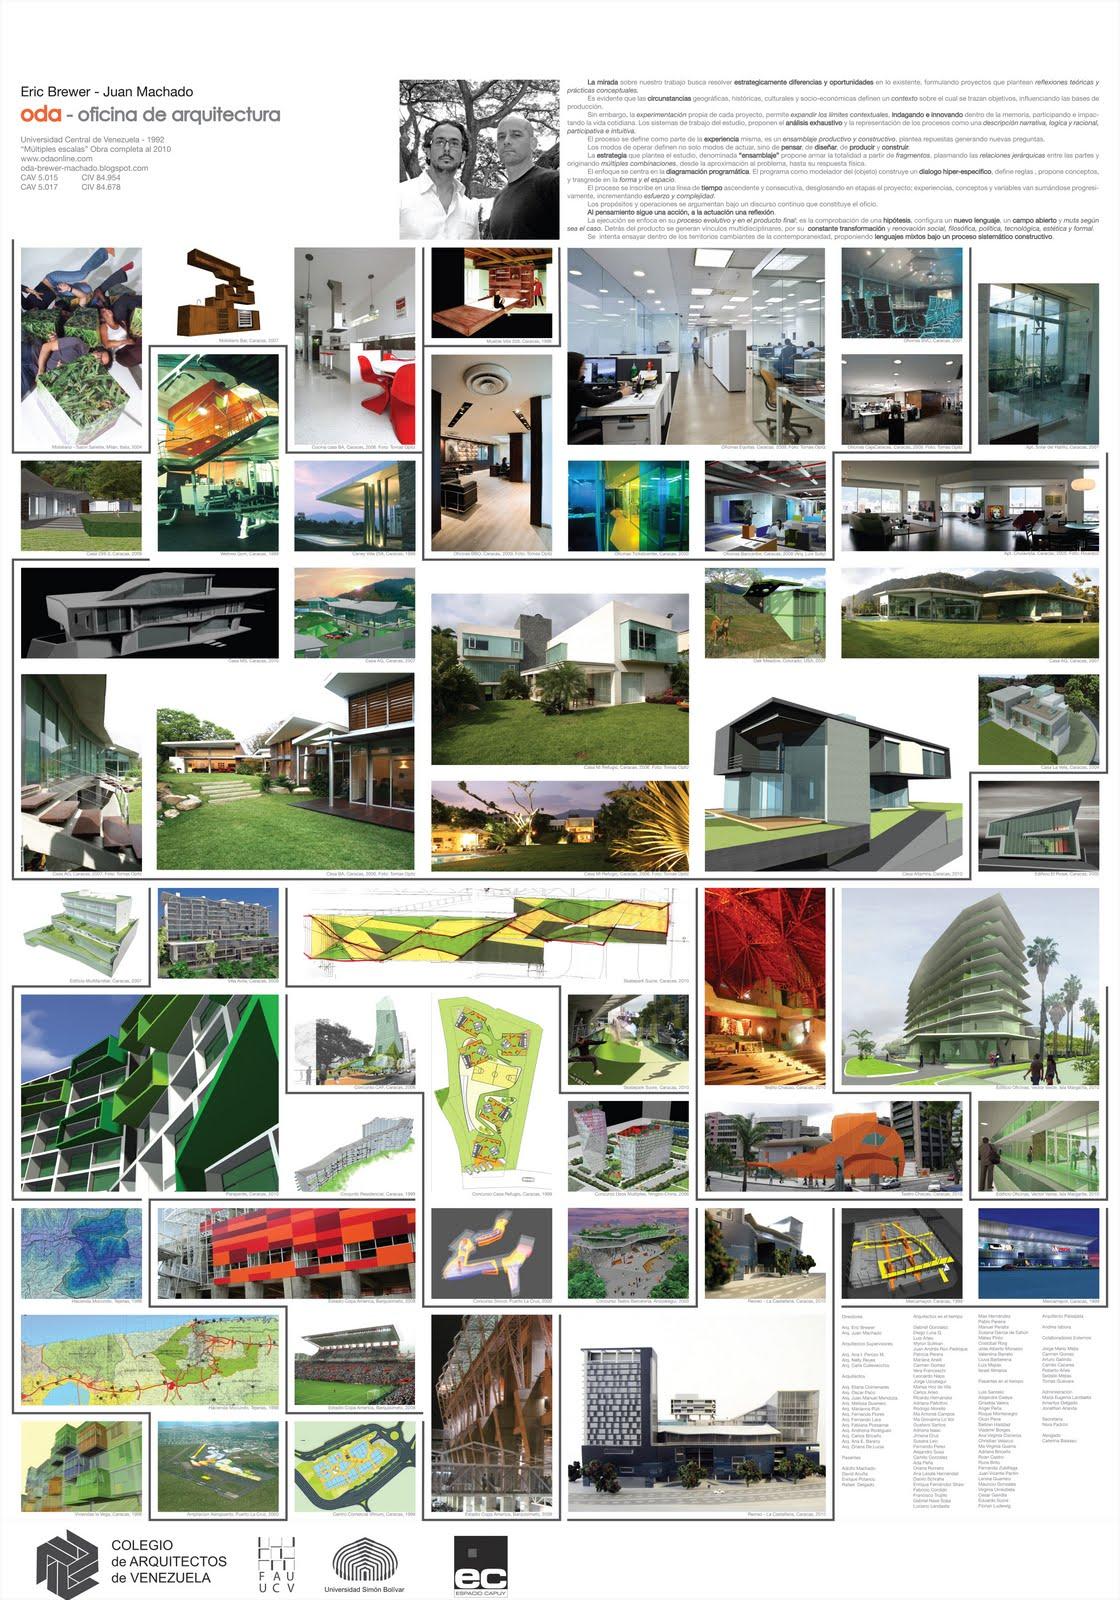 Oda oficina de arquitectura multiples escalas 2010 for Oficinas de arquitectura